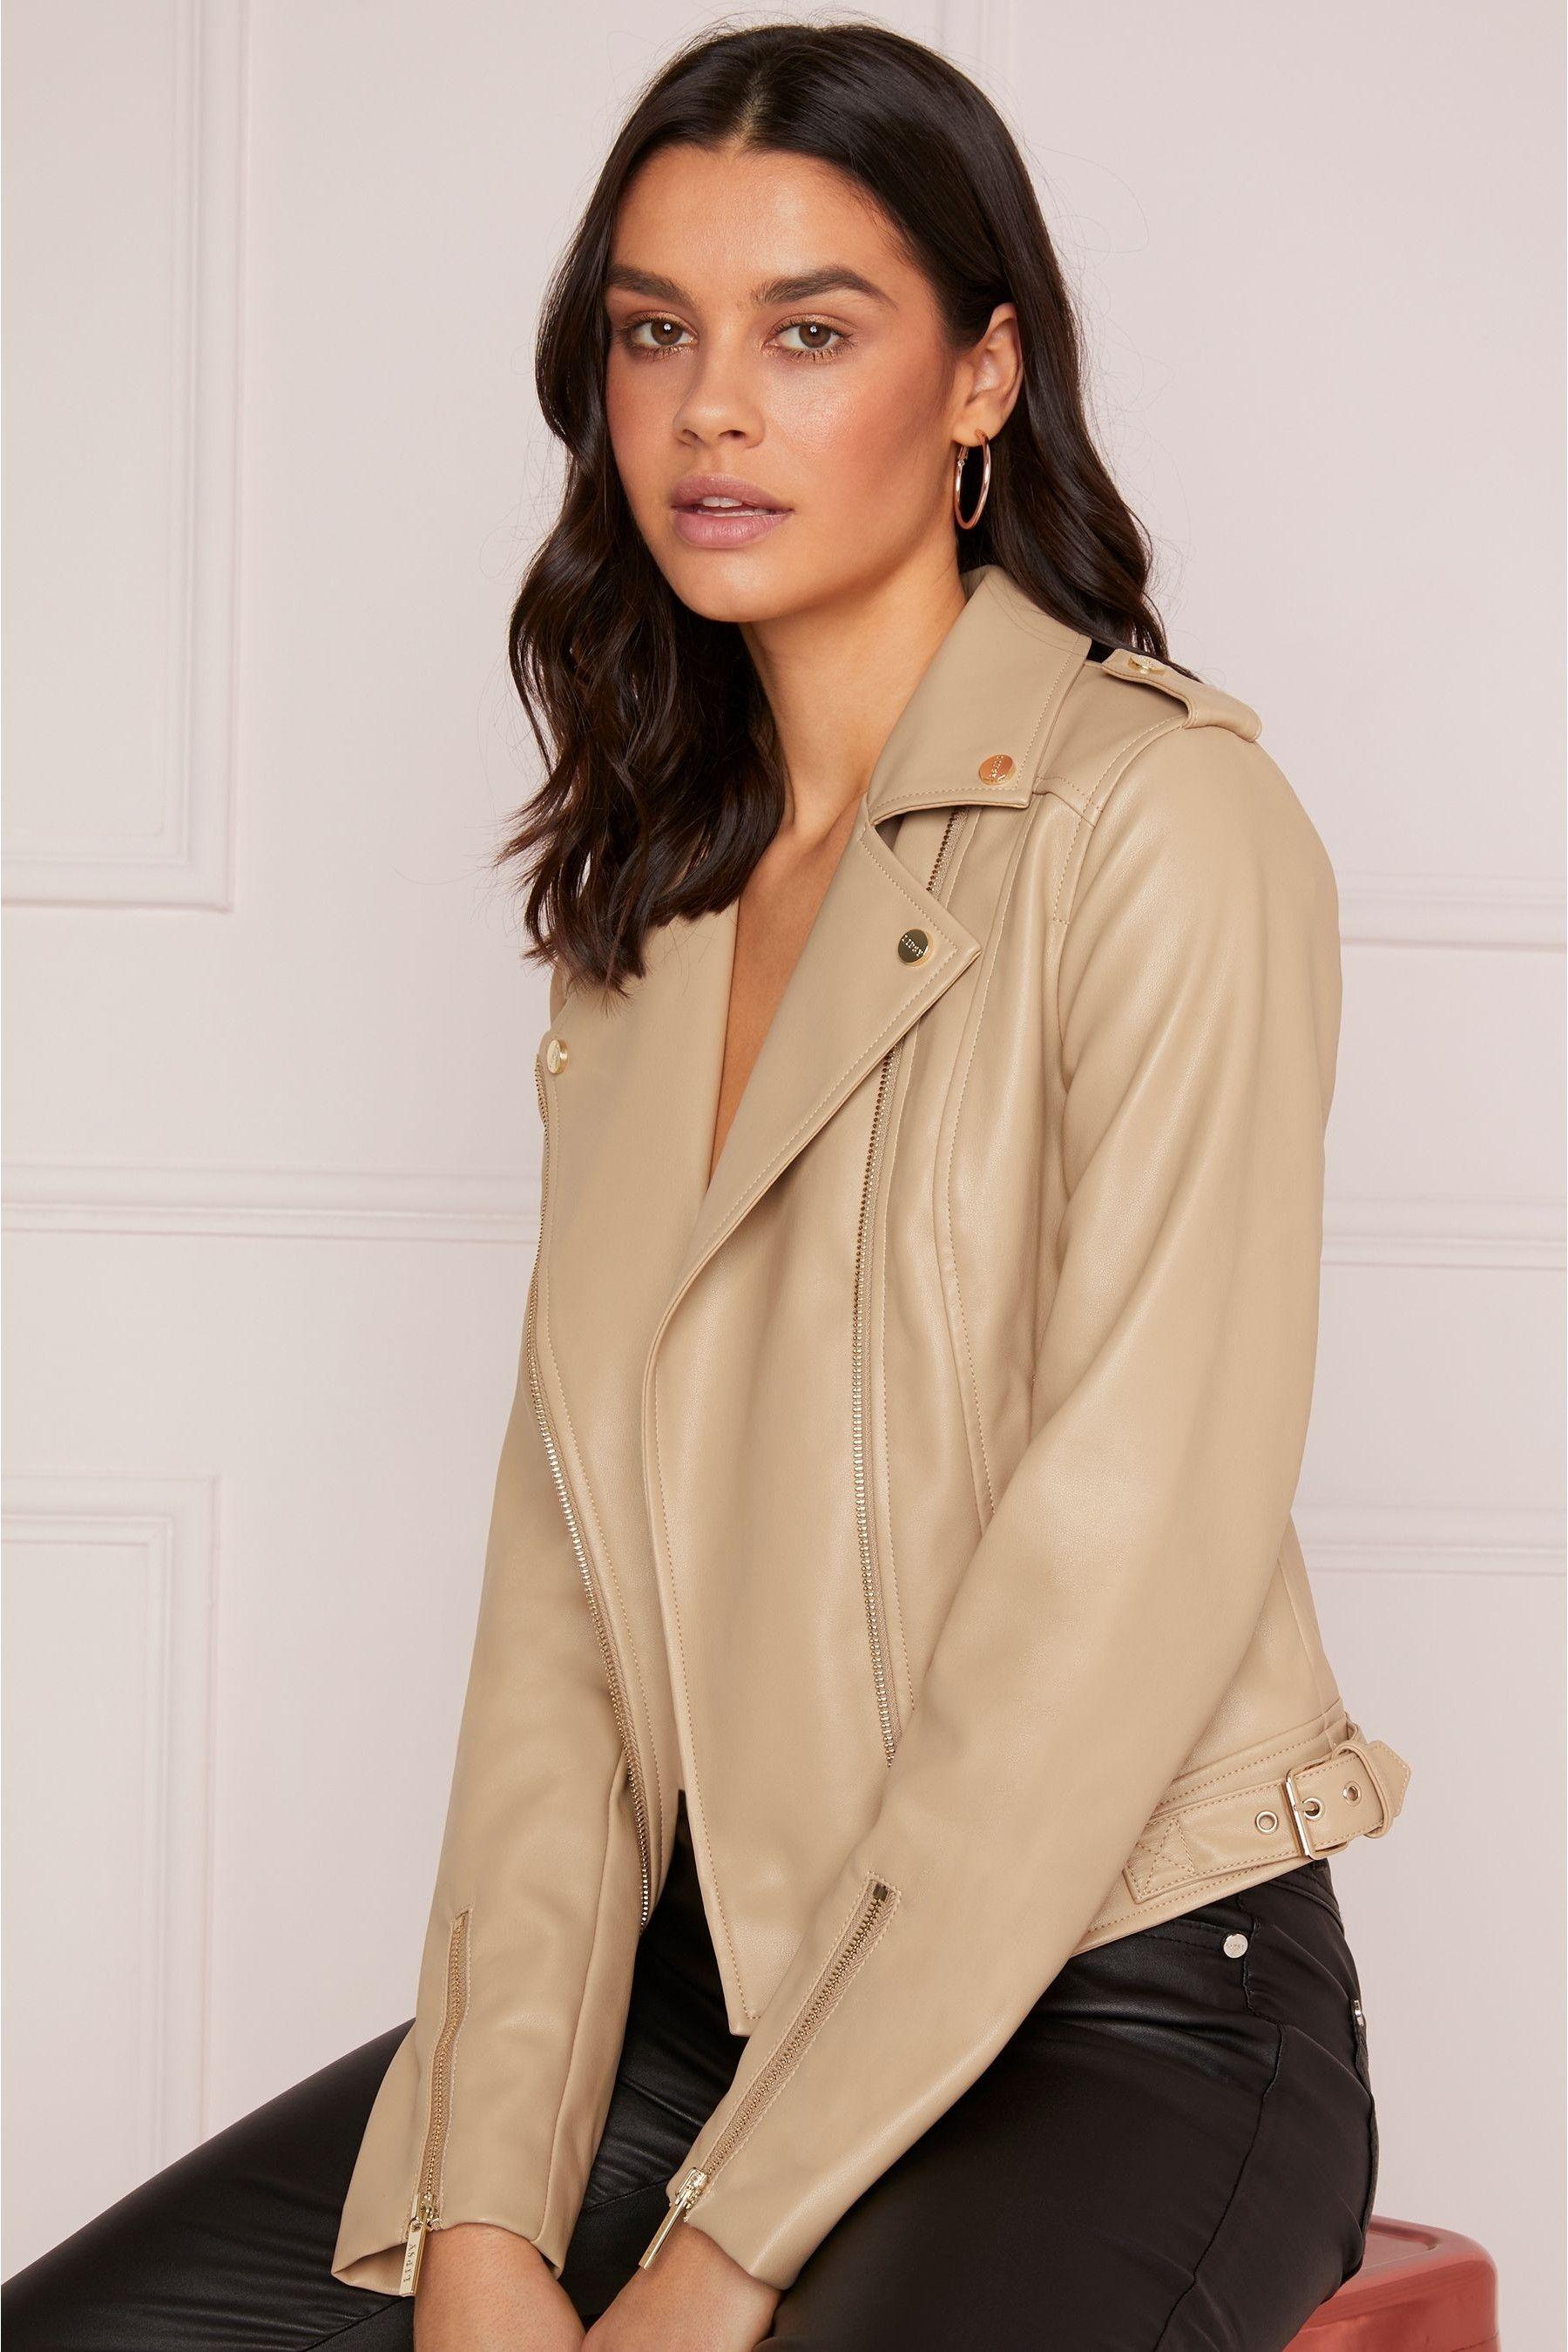 2a97d79b0b74 Womens Abbey Clancy x Lipsy Faux Leather Biker Jacket - Black in ...